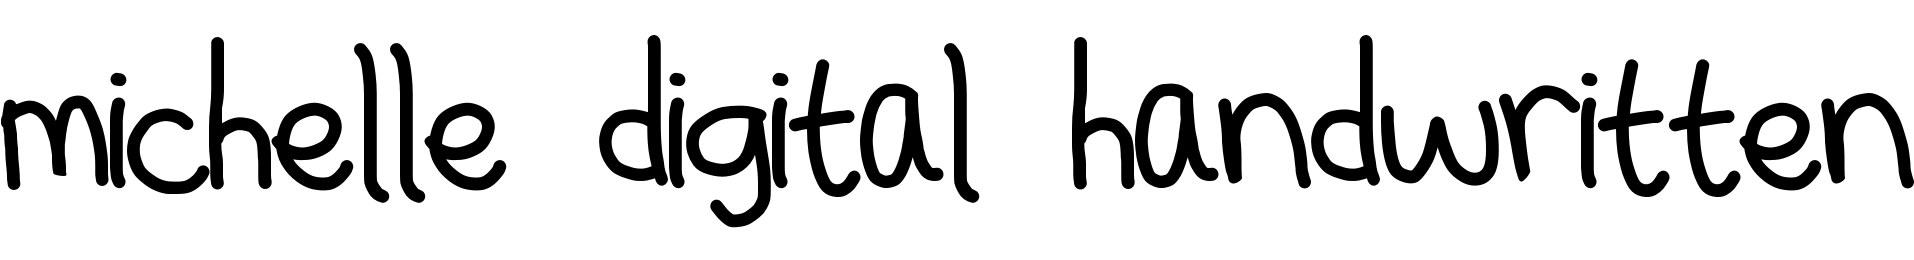 michelle digital handwritten